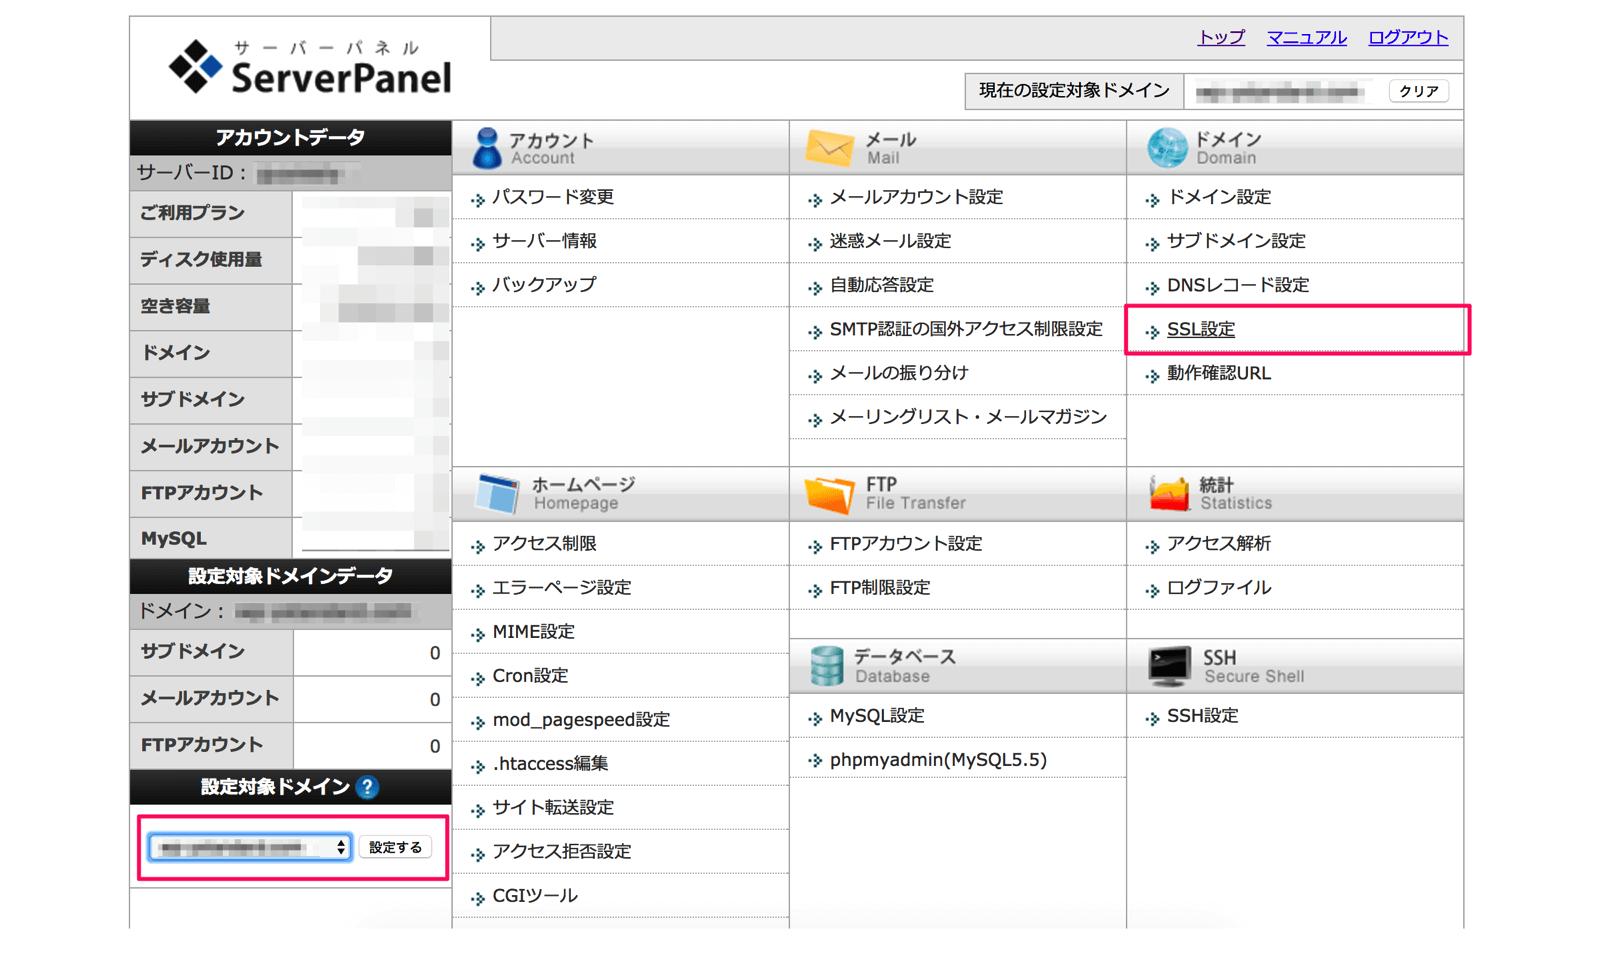 サーバーパネルから対象ドメインを選択してSSL設定を選択します